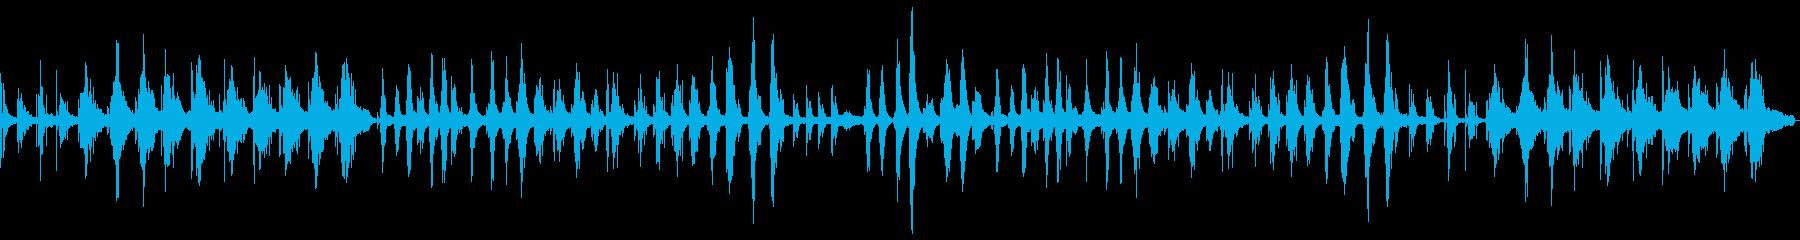 優しさ溢れるピアノ主体のサウンドスケープの再生済みの波形